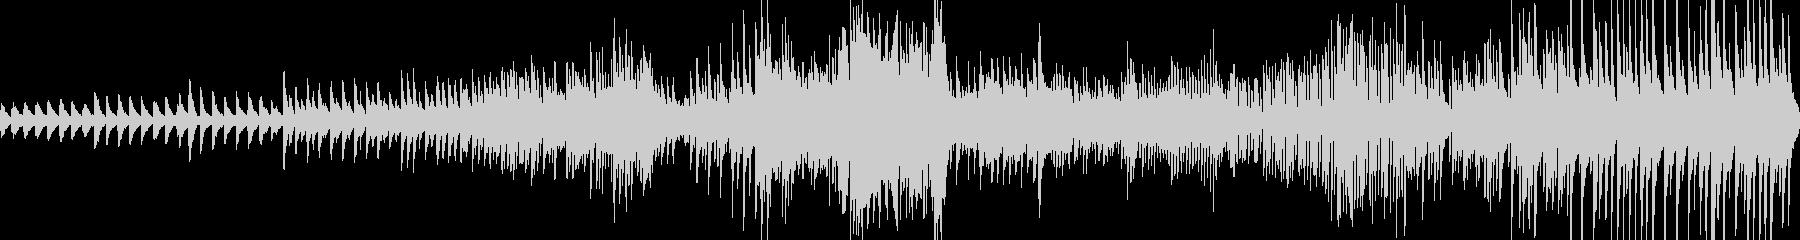 有名なカノンのピアノバージョンです。の未再生の波形